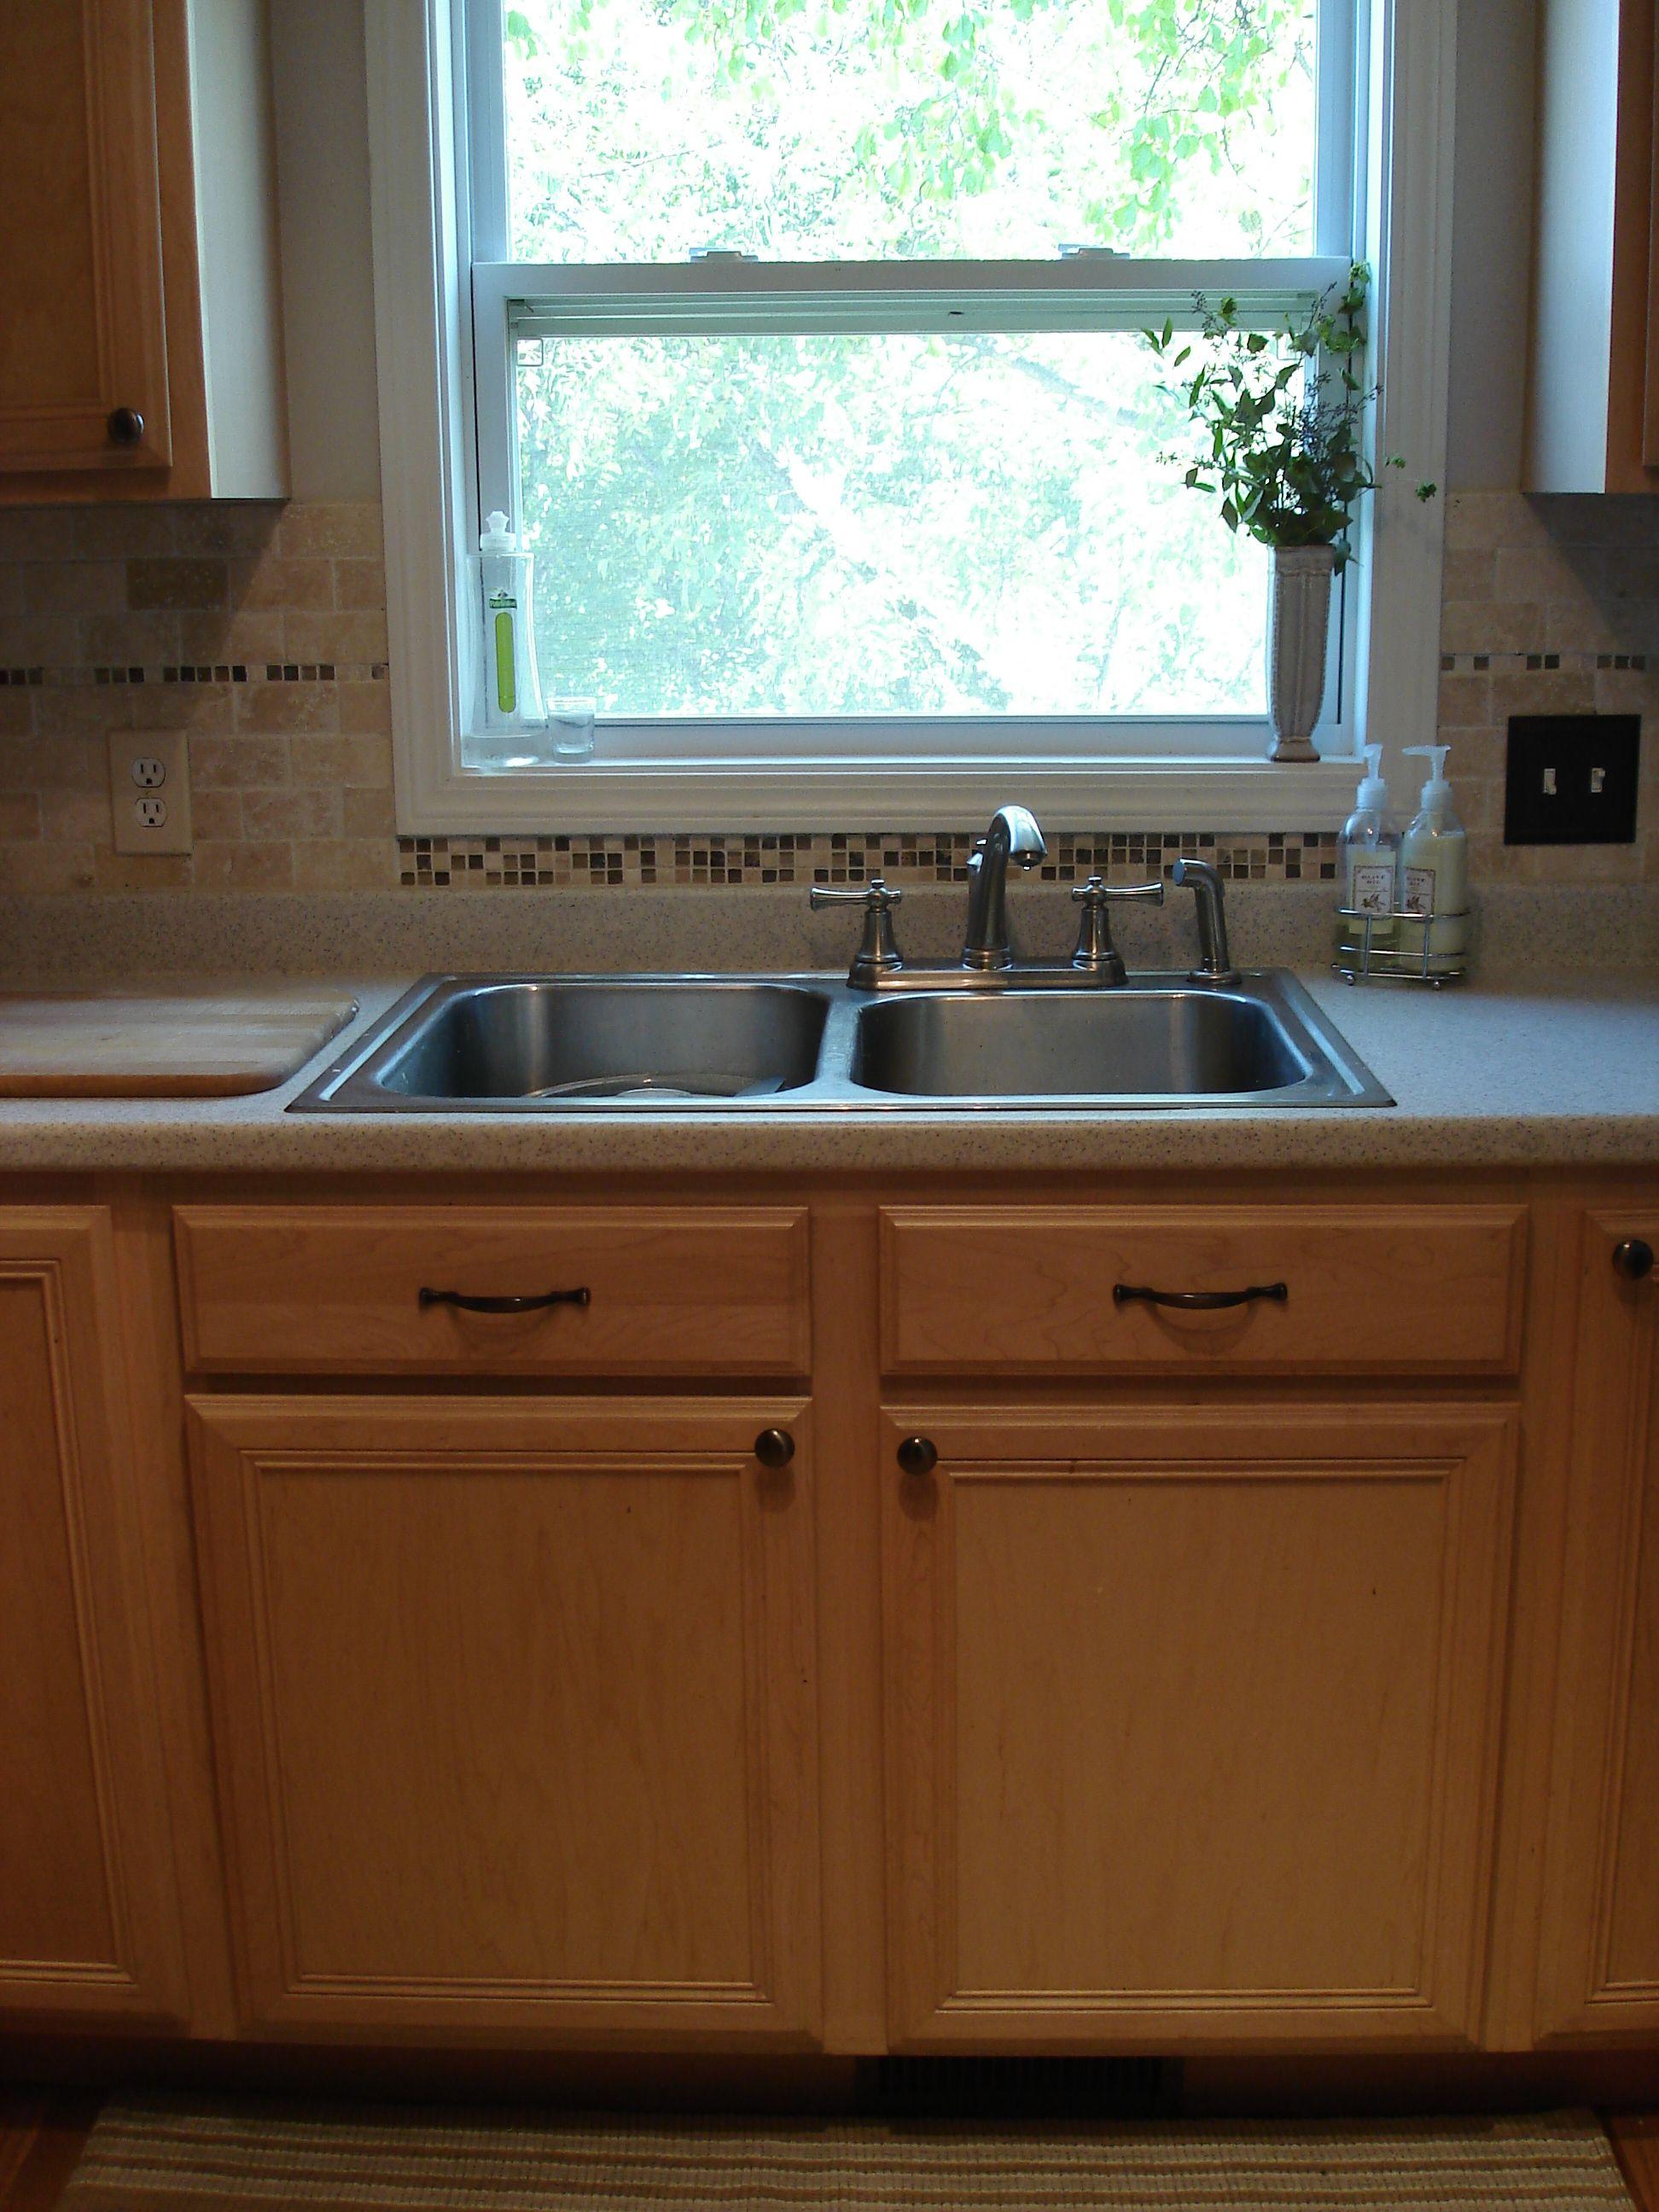 Tile kitchen back splash diy craft ideas pinterest kitchen back splashes back splashes - Tile splash kitchen ...